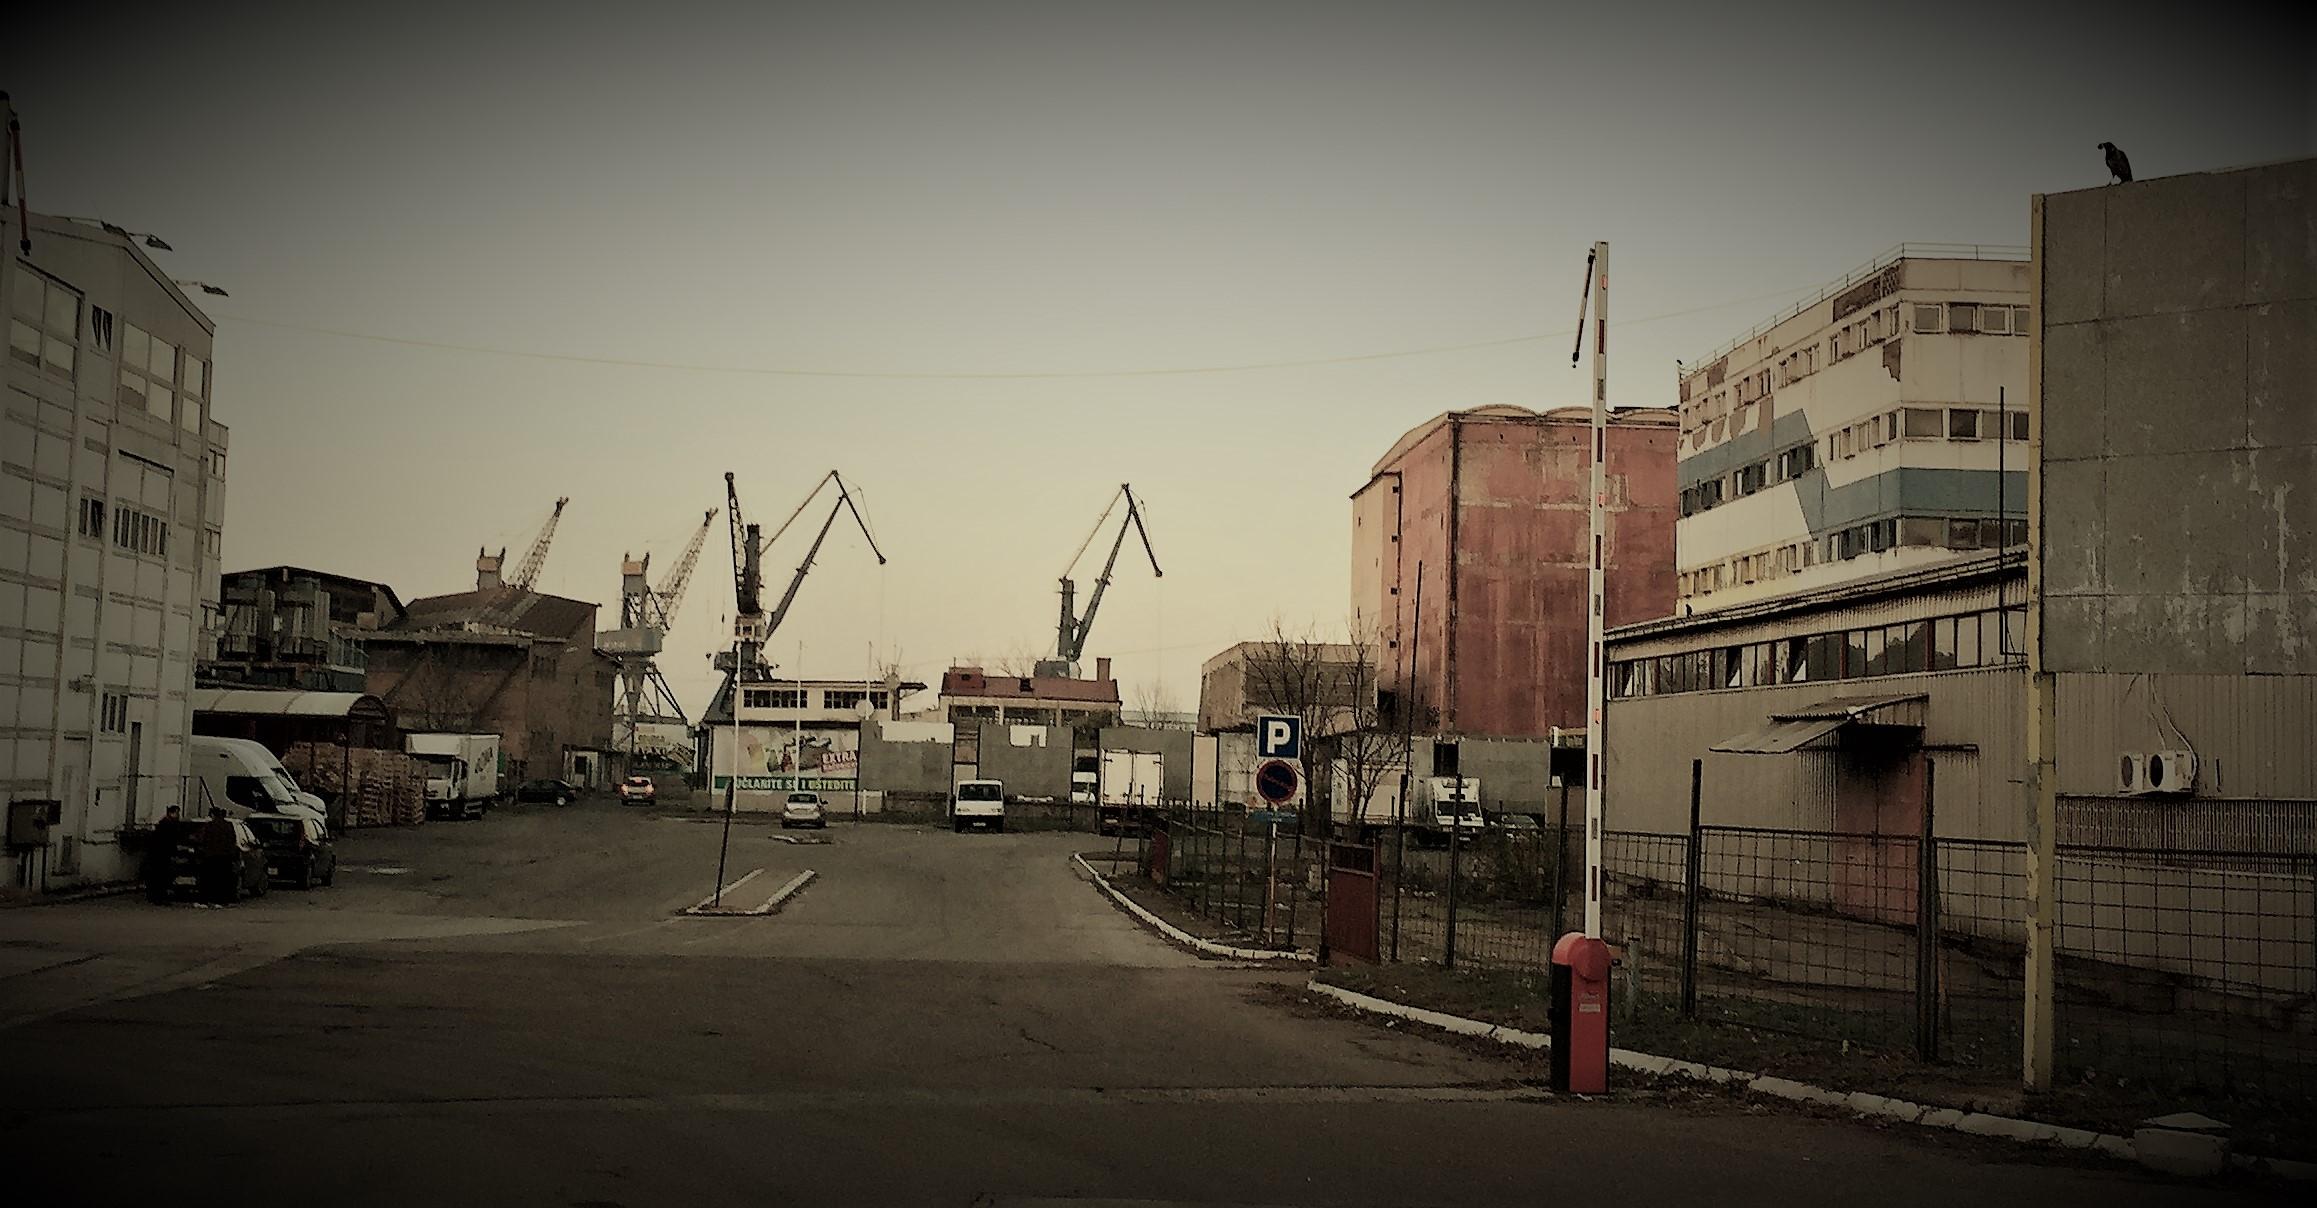 Das alte Hafengelände ist teils ziemlich verlottert.